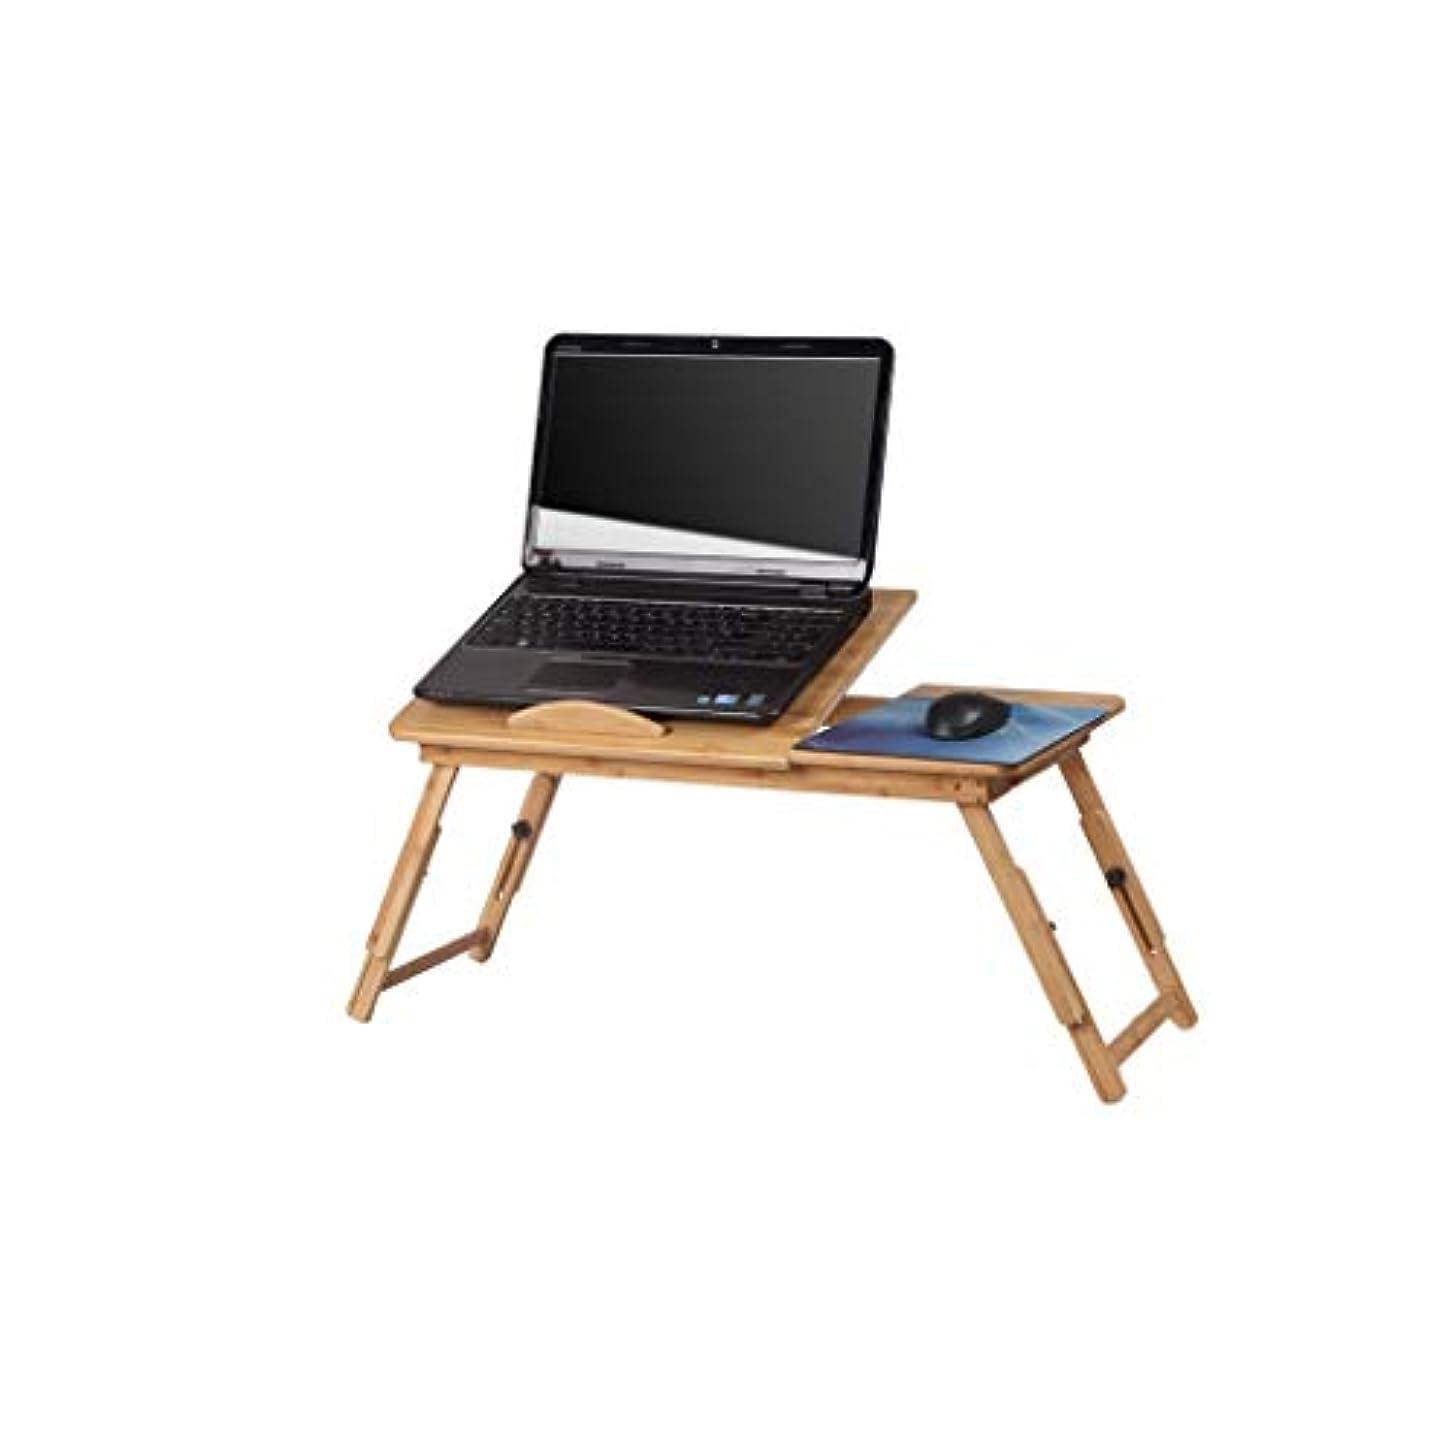 意気消沈した草要件PingFanMi ノートブックデスクベッド小さなコンピュータデスクシンプルな折りたたみ式テーブル怠惰なテーブルベッドの机、遊びテーブルと引き出しテーブル、折りたたみ机